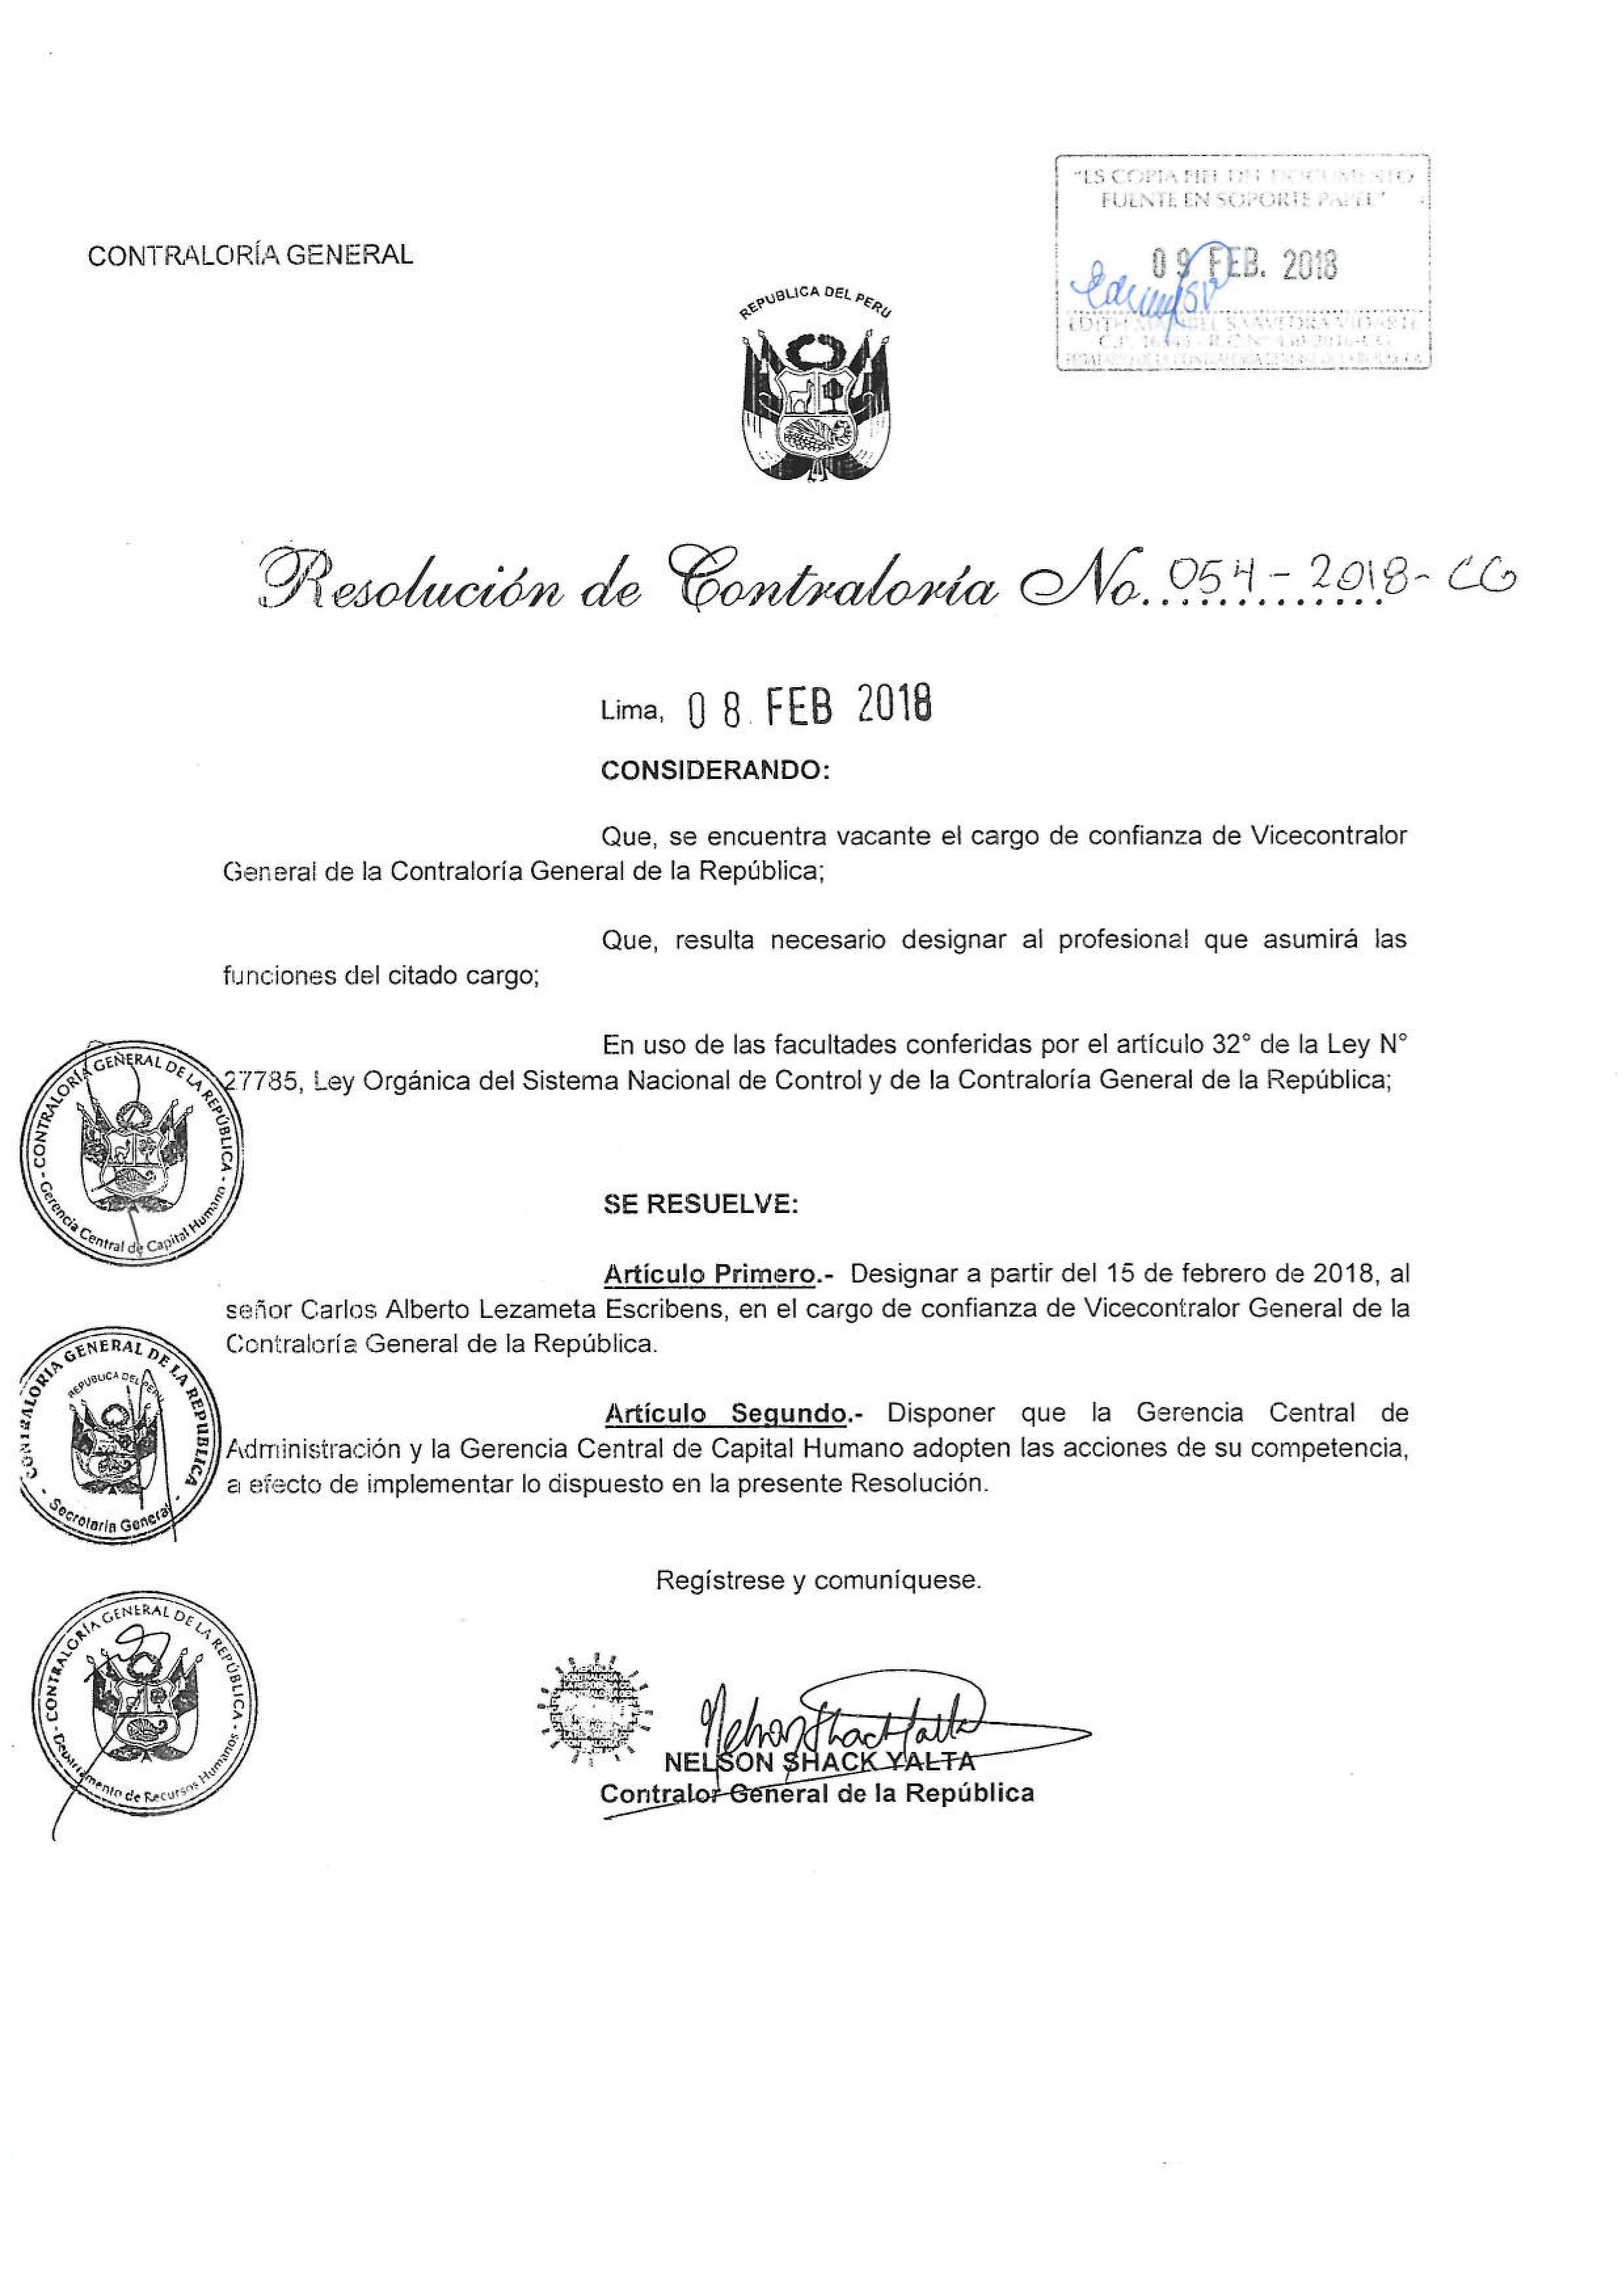 Resolución de nombramiento de vicecontralor.